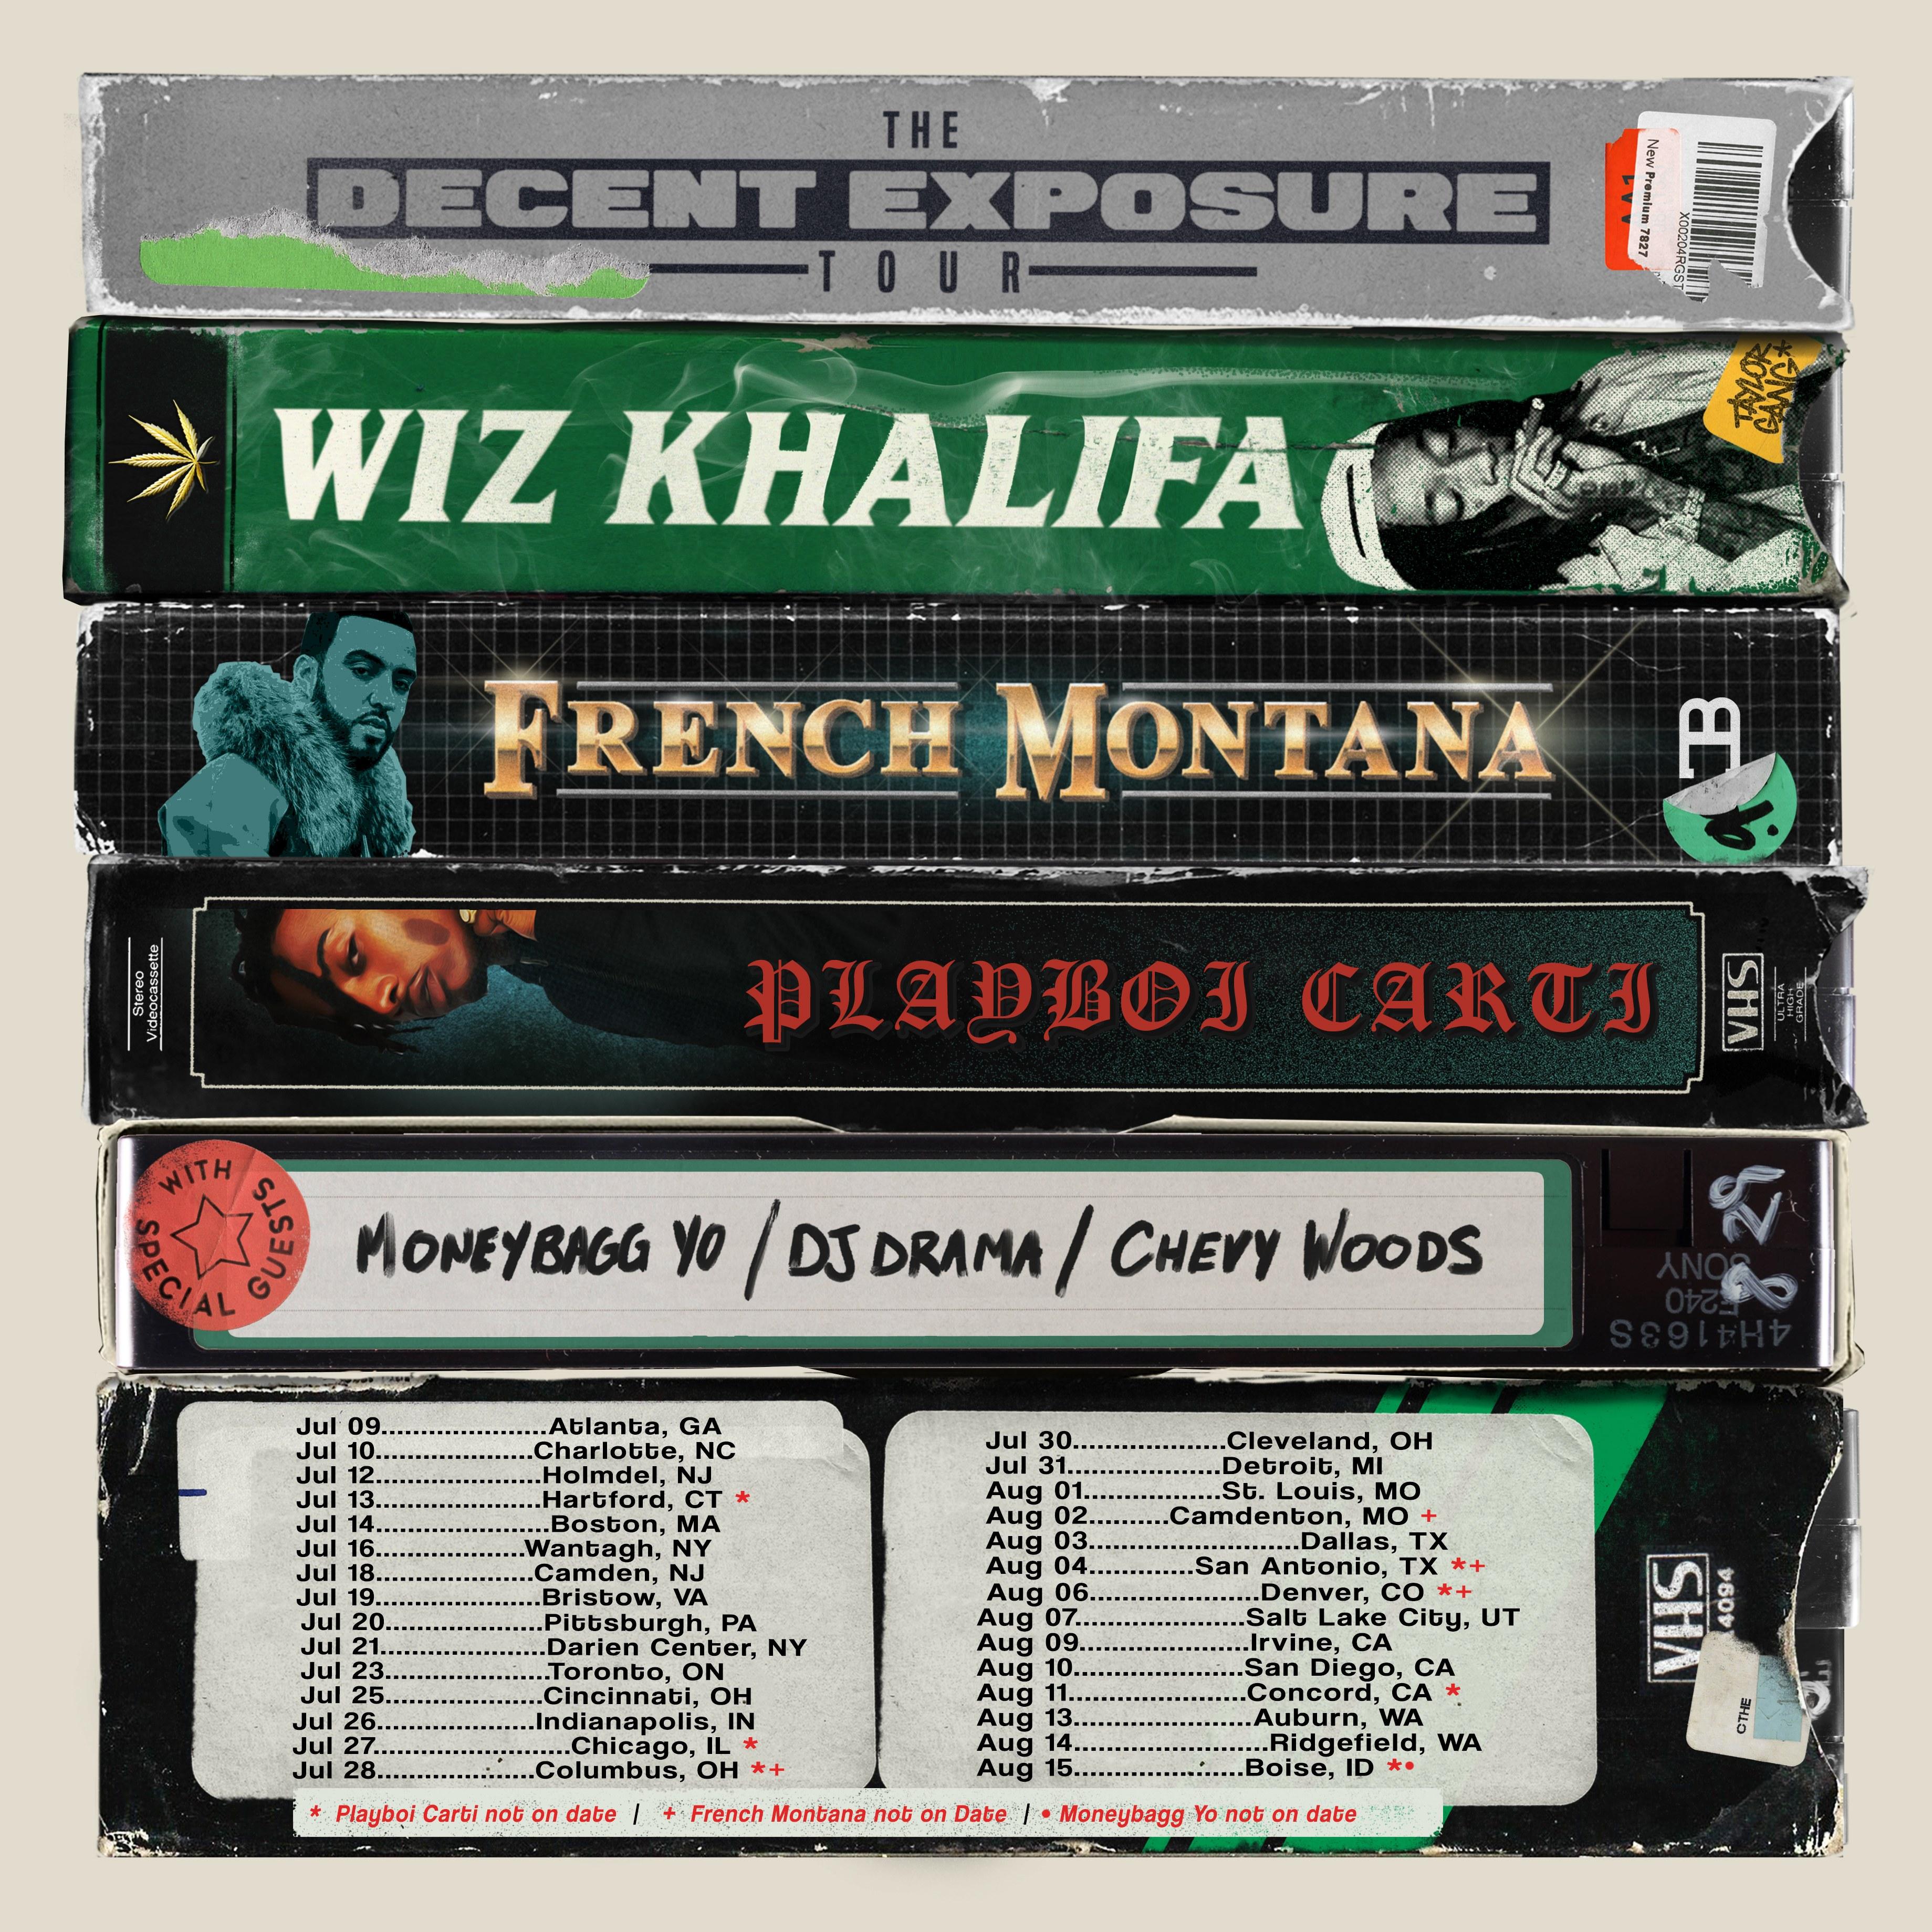 Wiz Khalifa Announces The Decent Exposure Tour With